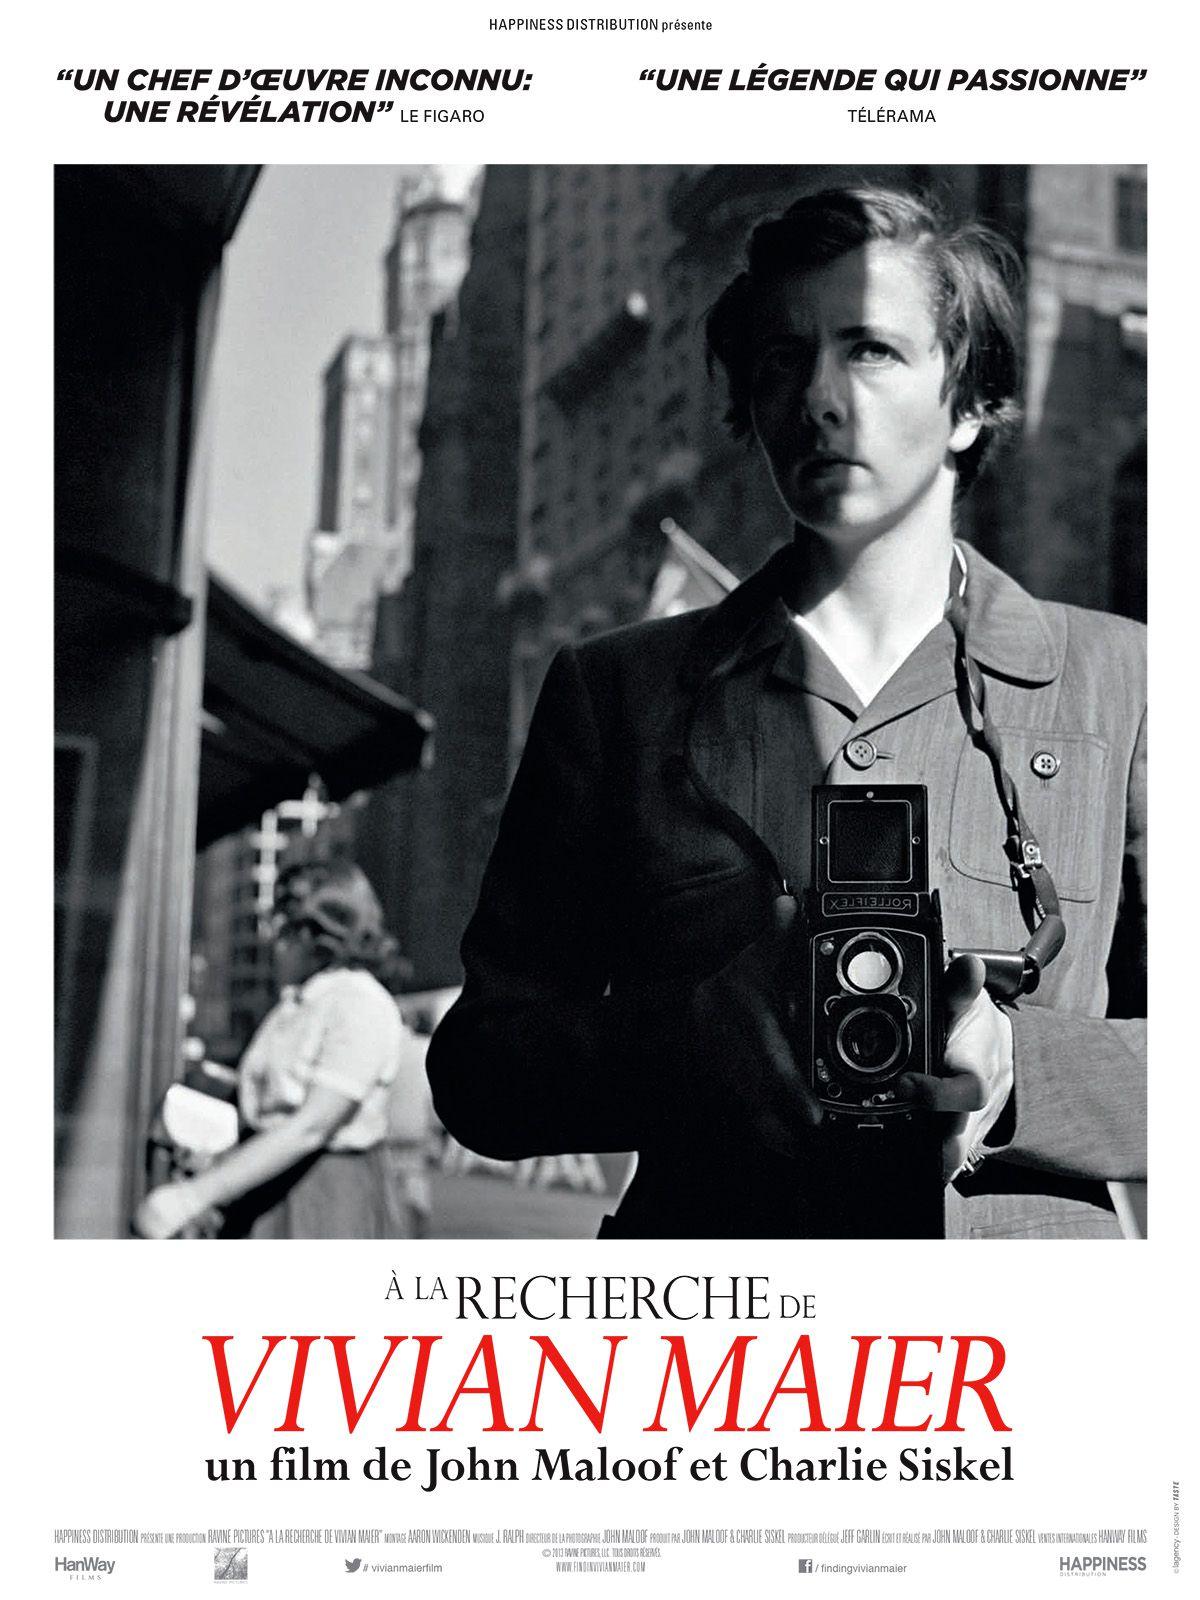 À la recherche de Vivian Maier - Documentaire (2013)